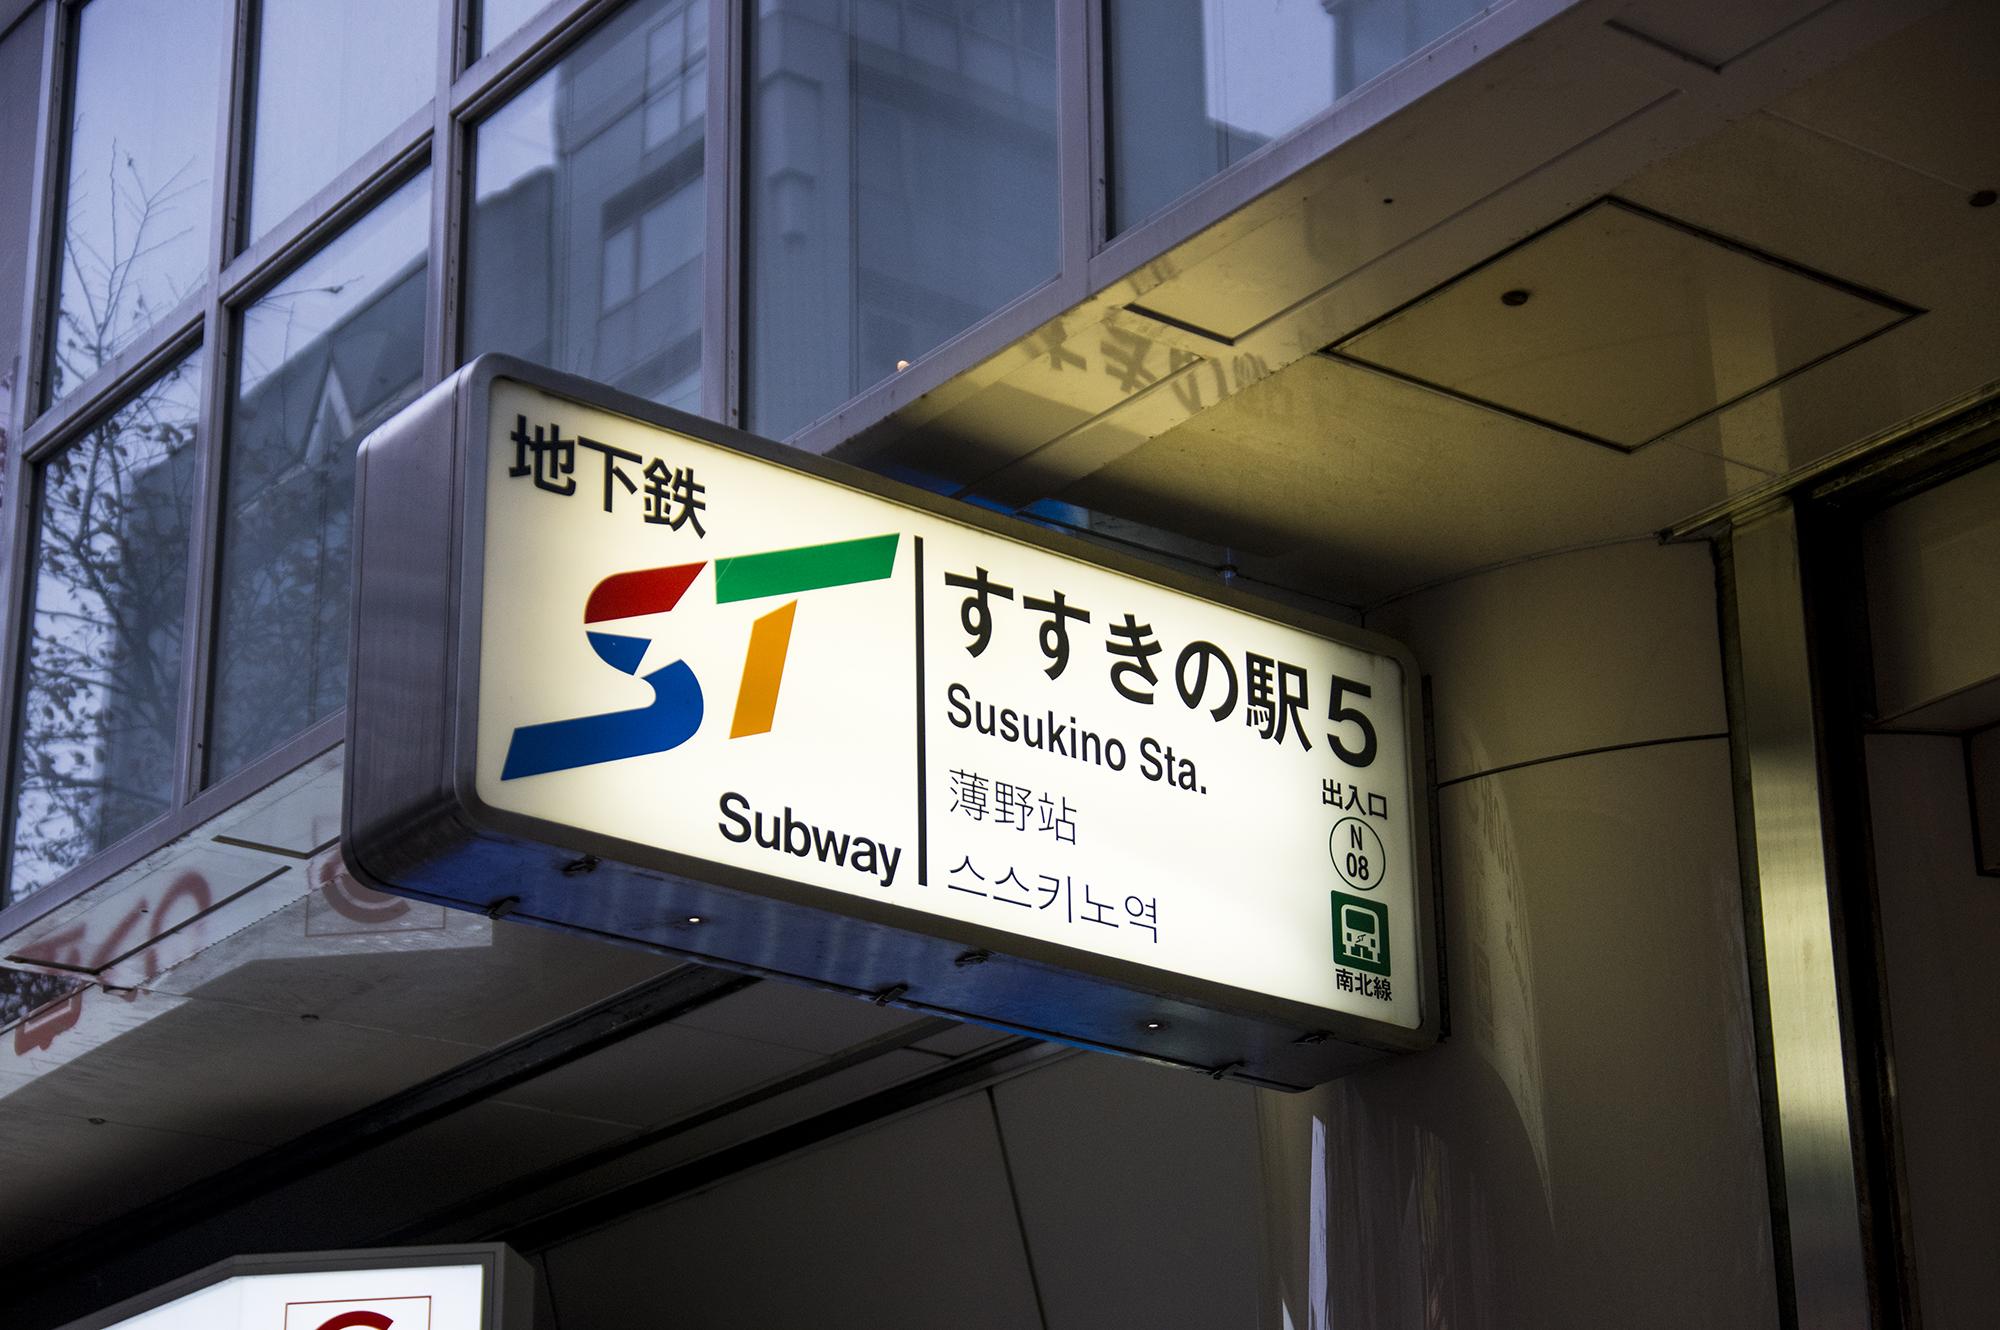 札幌市営地下鉄南北線「すすきの駅」